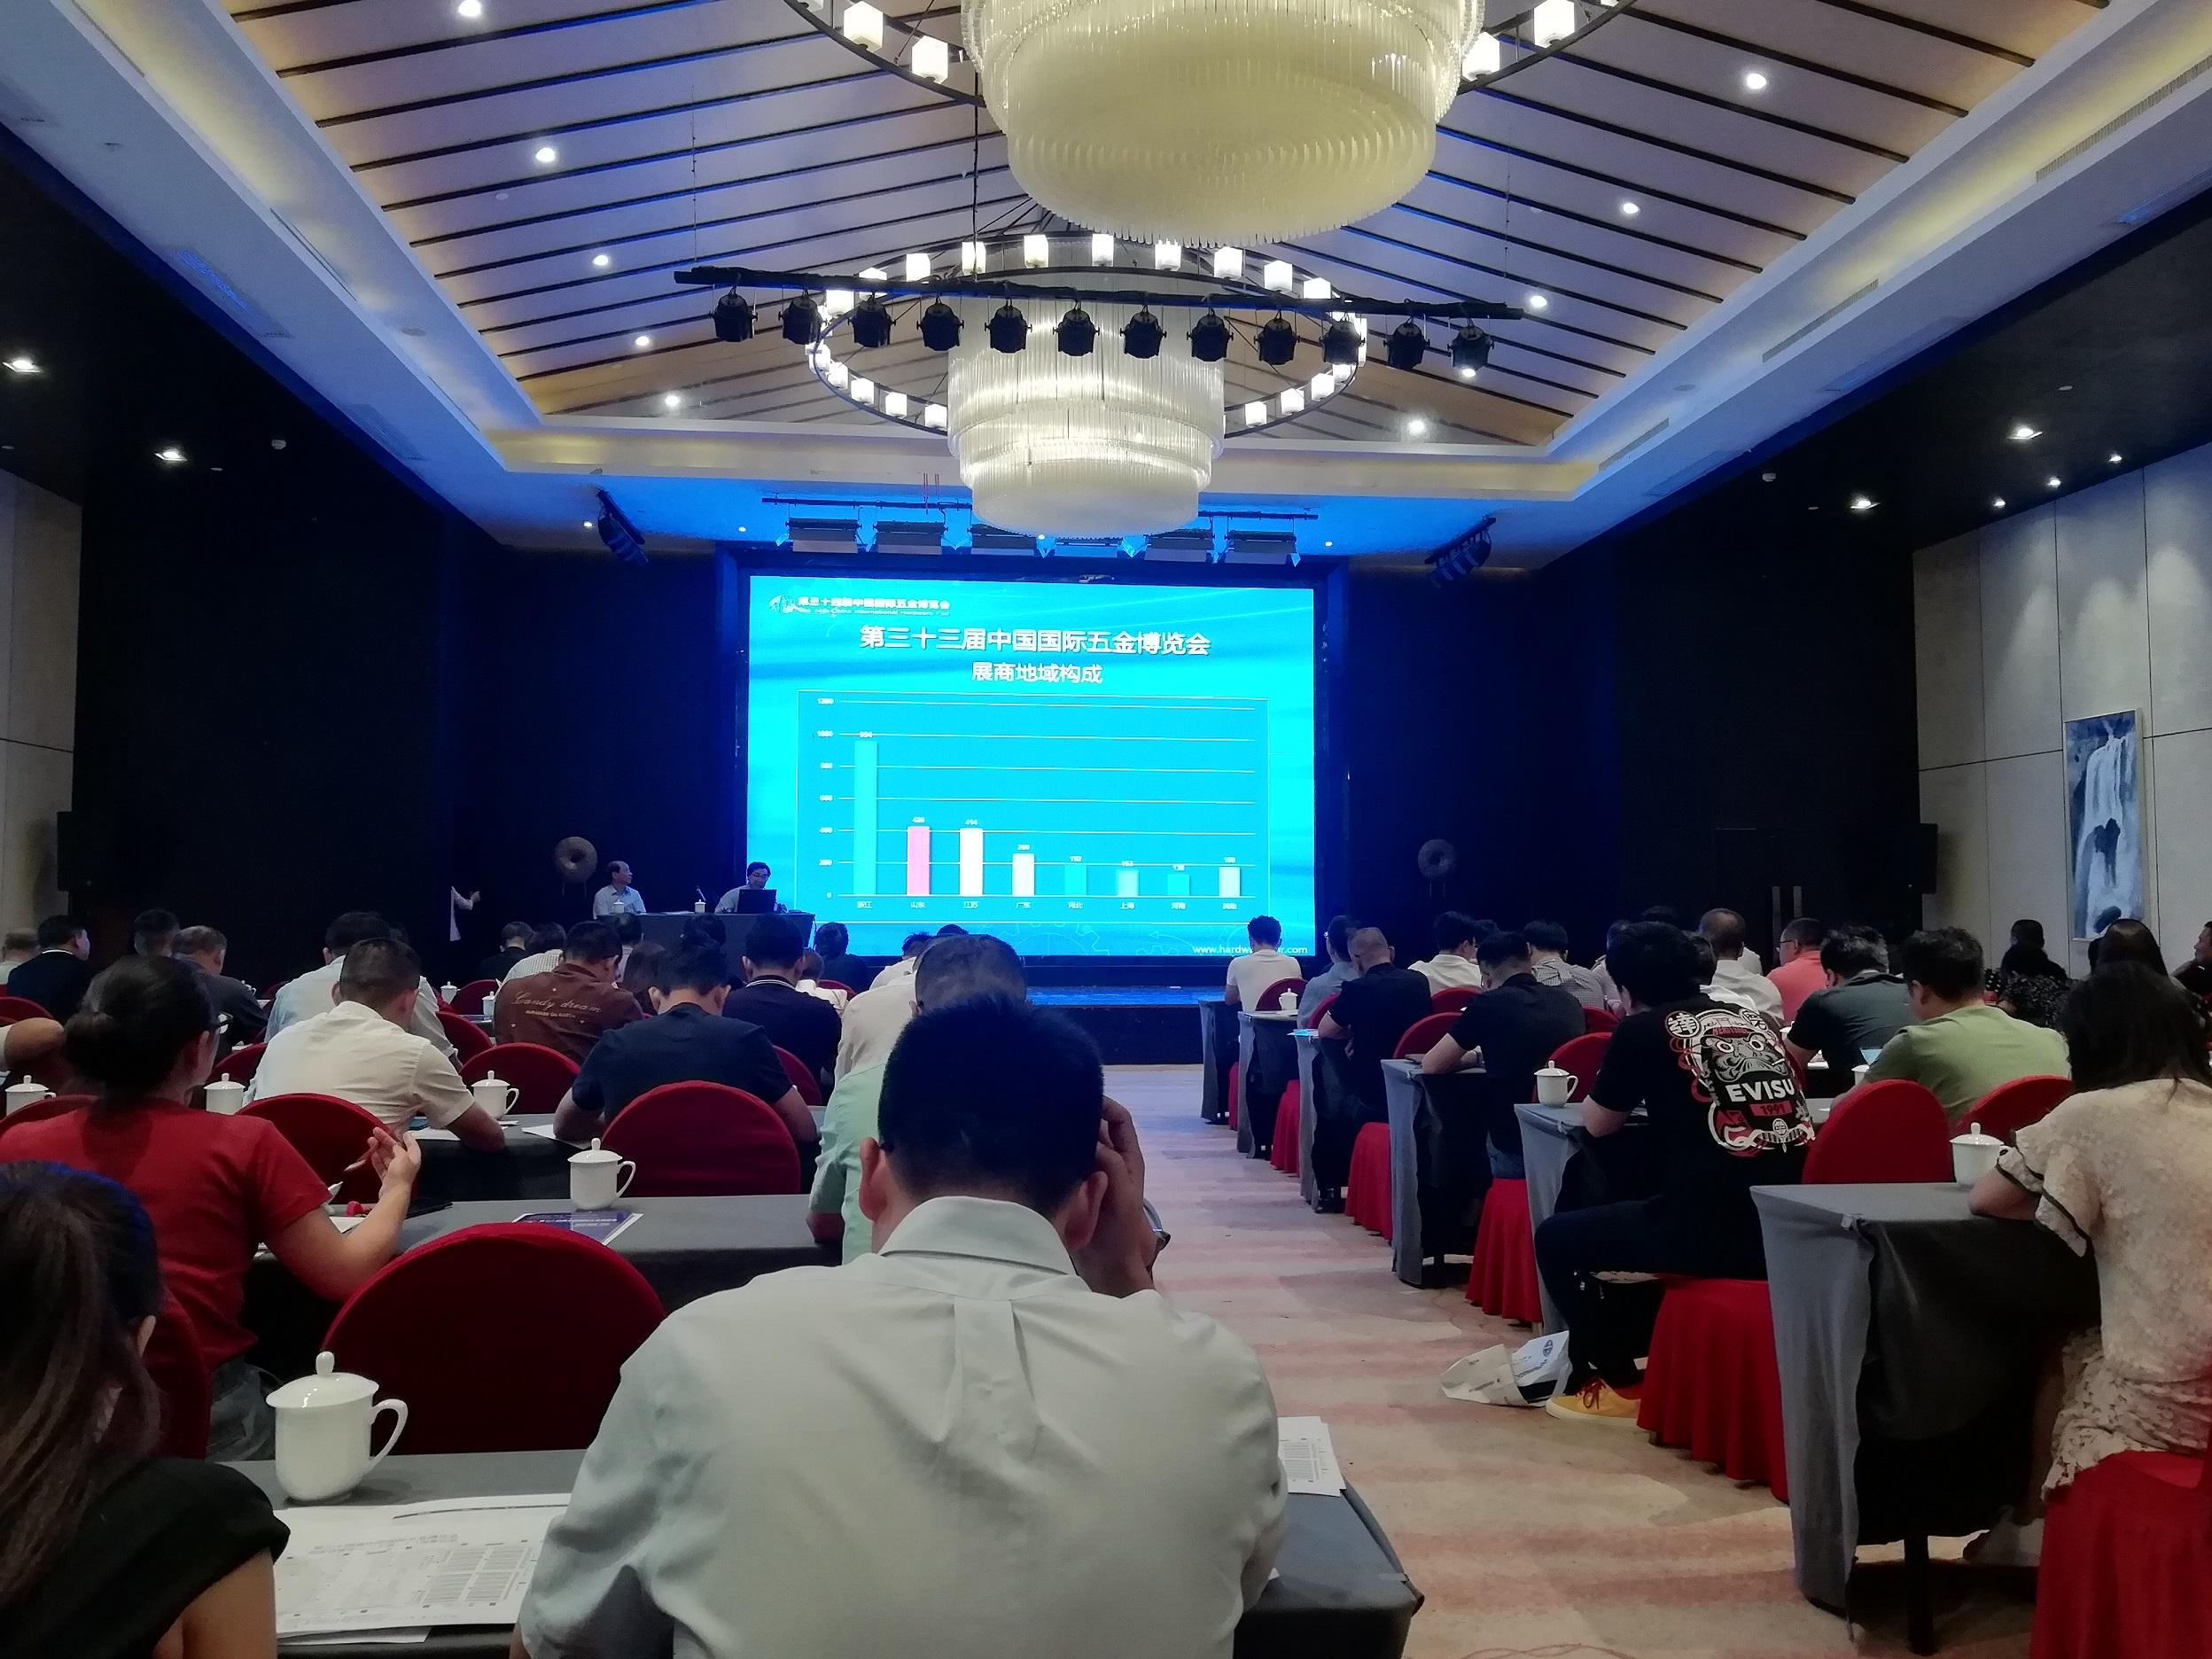 我会应邀参加中国五交化商业协会隆重推出第三十四届中国国际dota2投注博览会